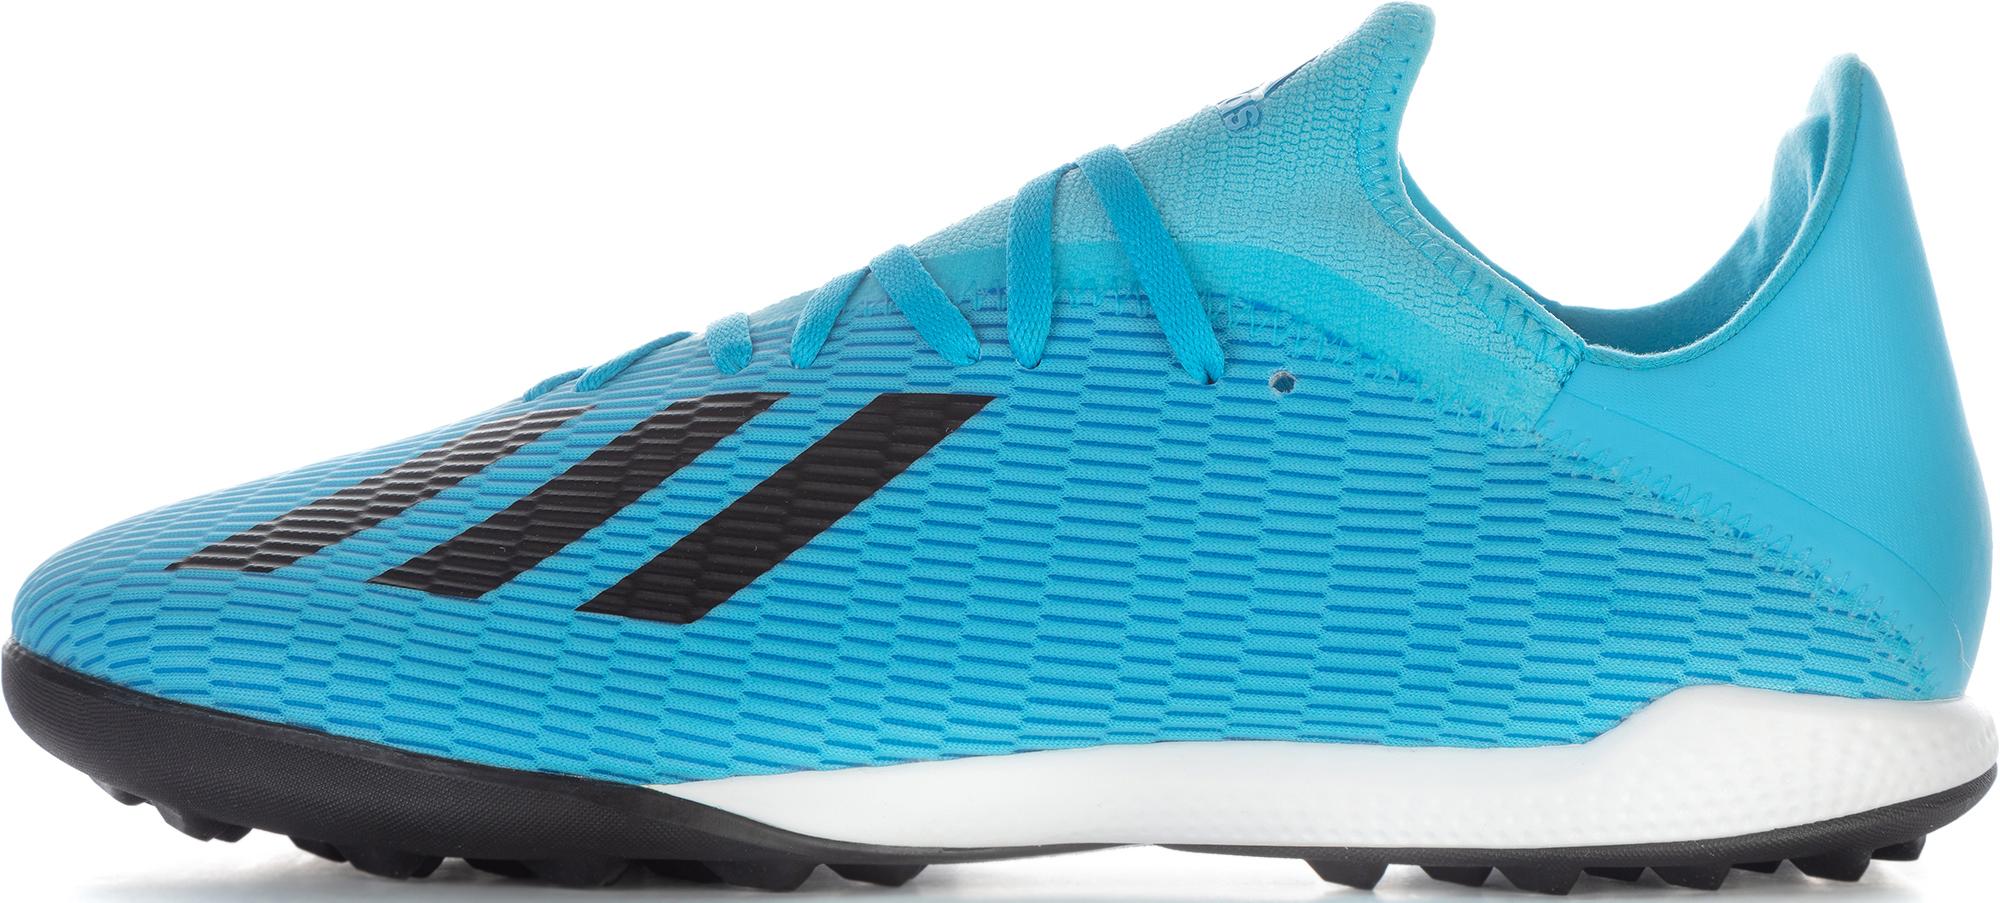 Adidas Бутсы мужские X 19.3 TF, размер 45